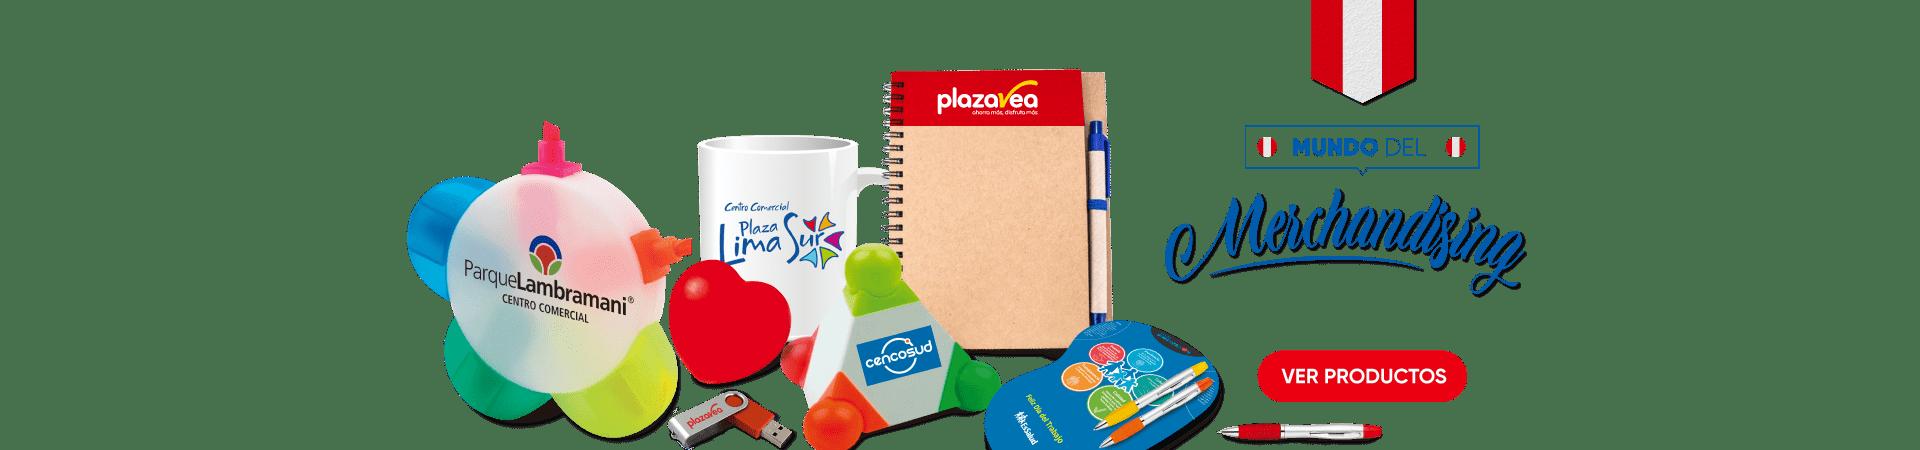 Merchandising y Articulos Promocionales en Peru